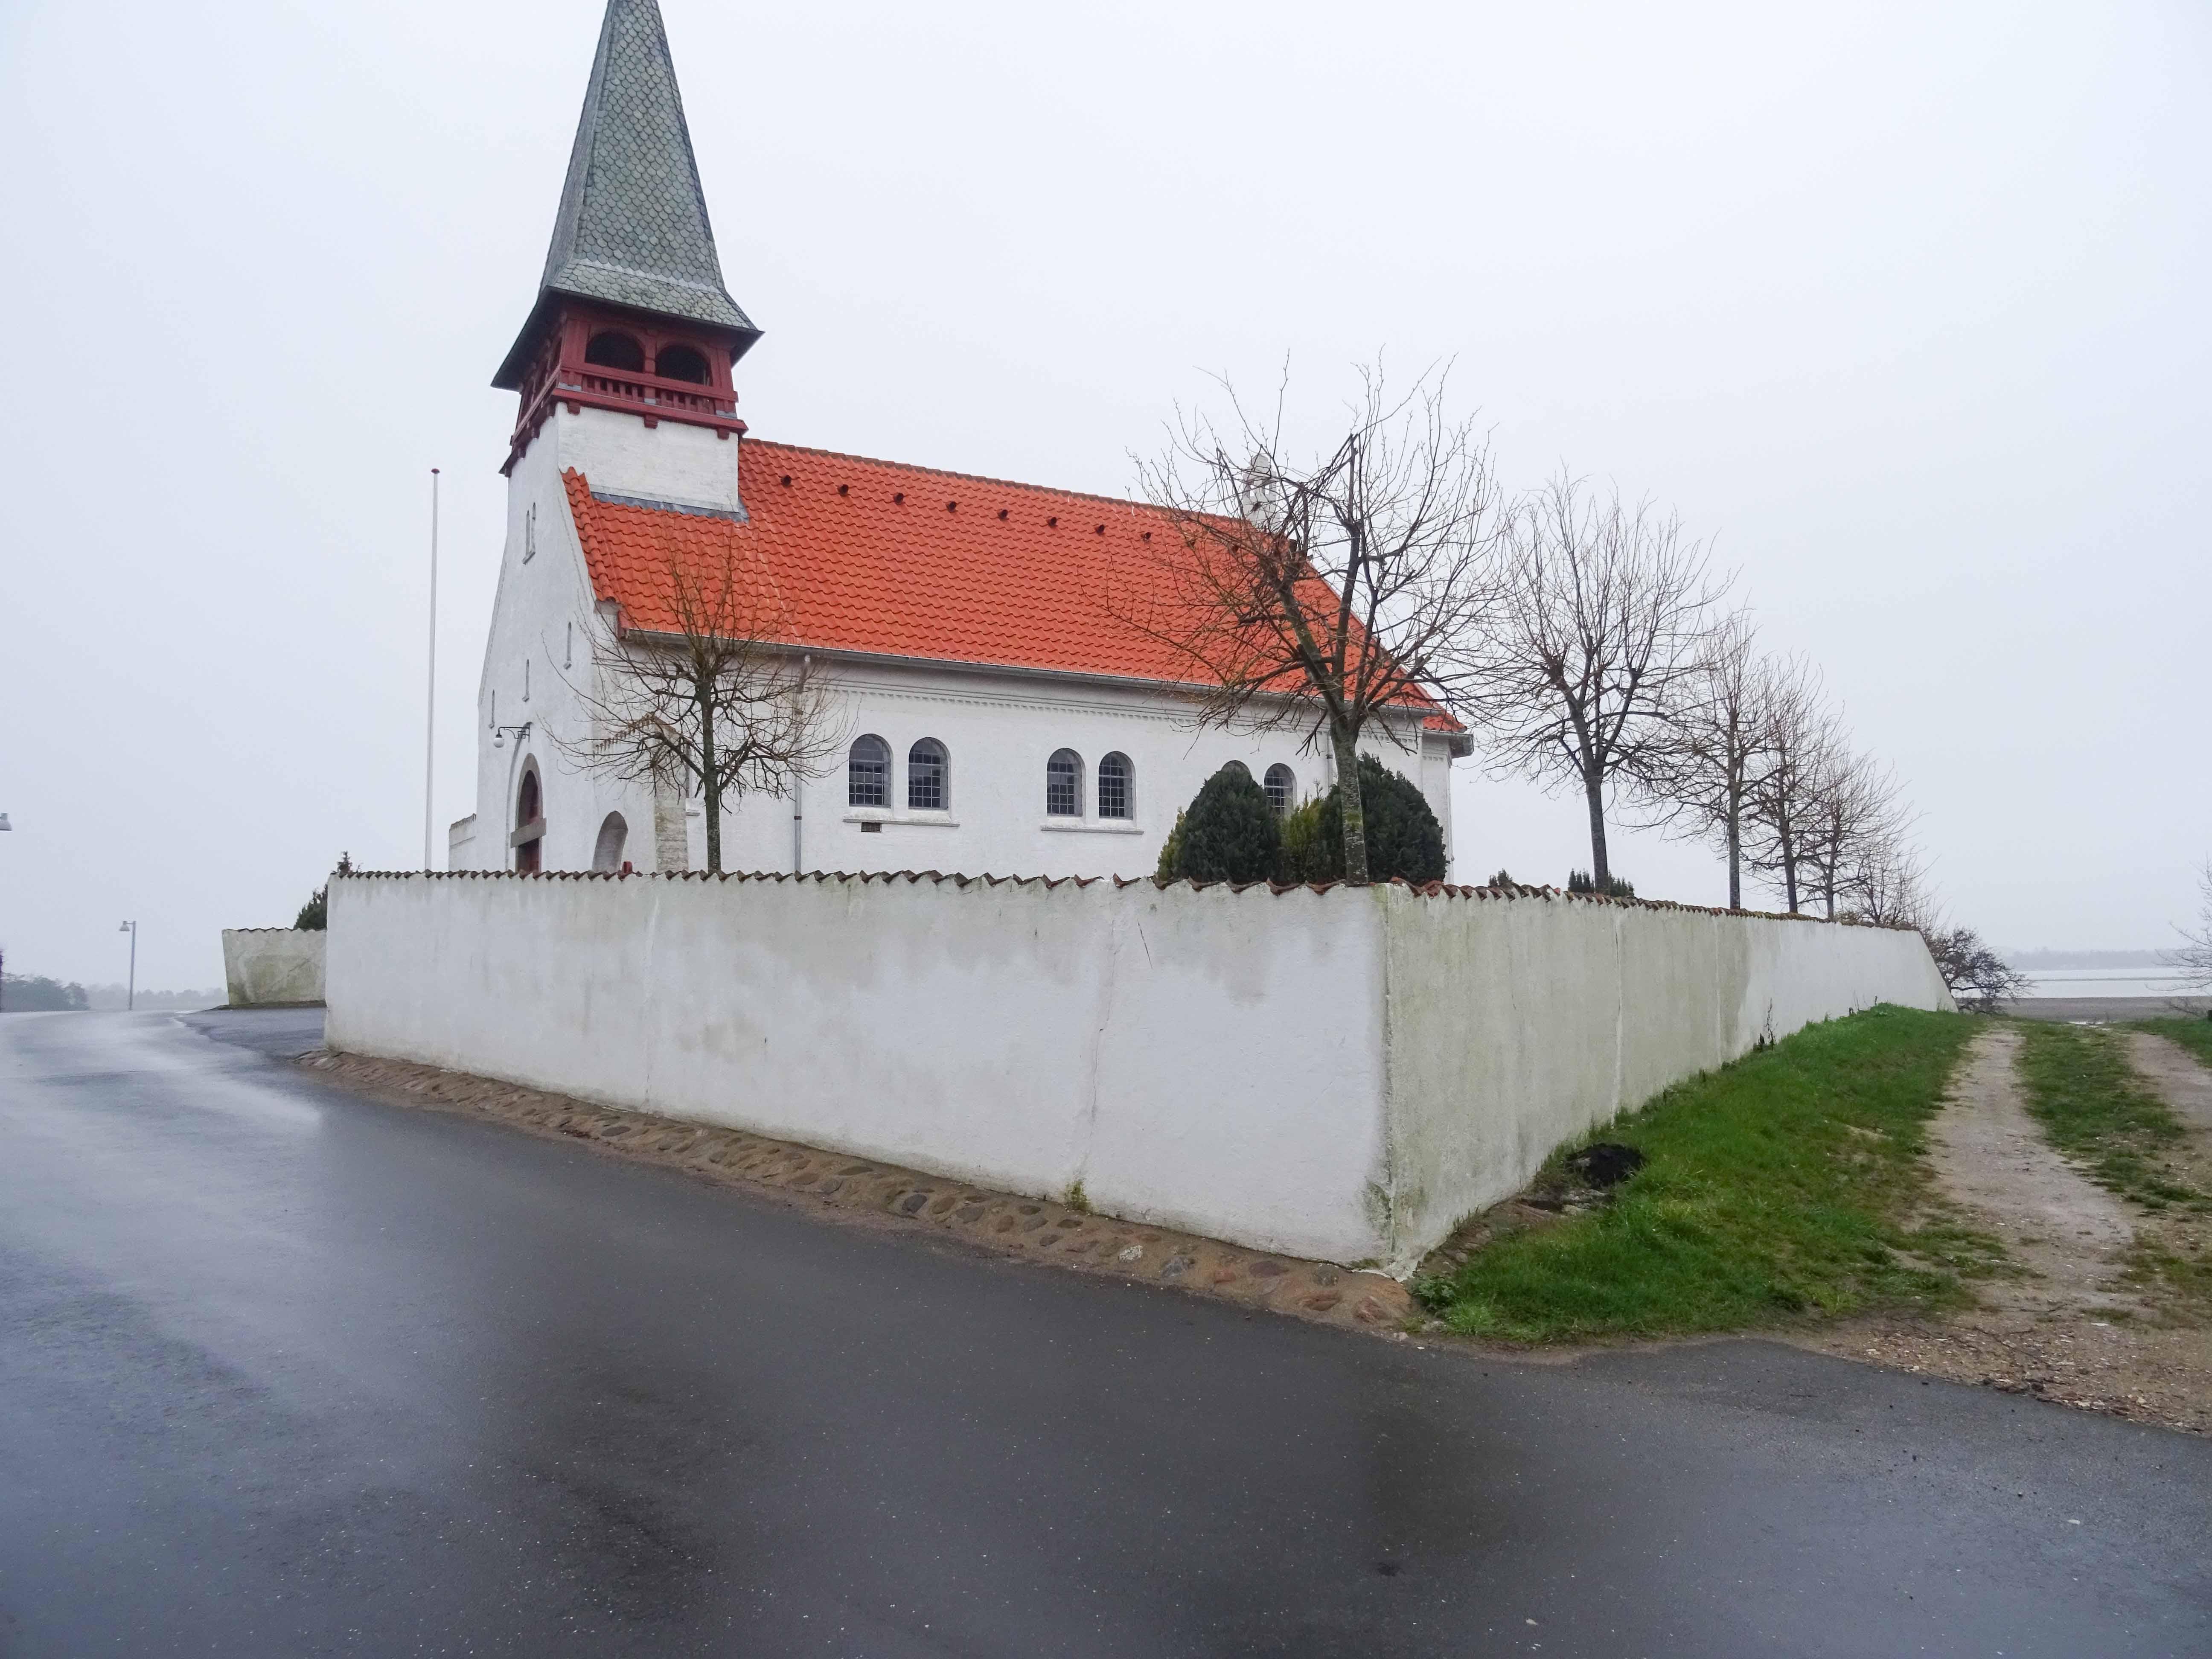 Reersoe Kirke